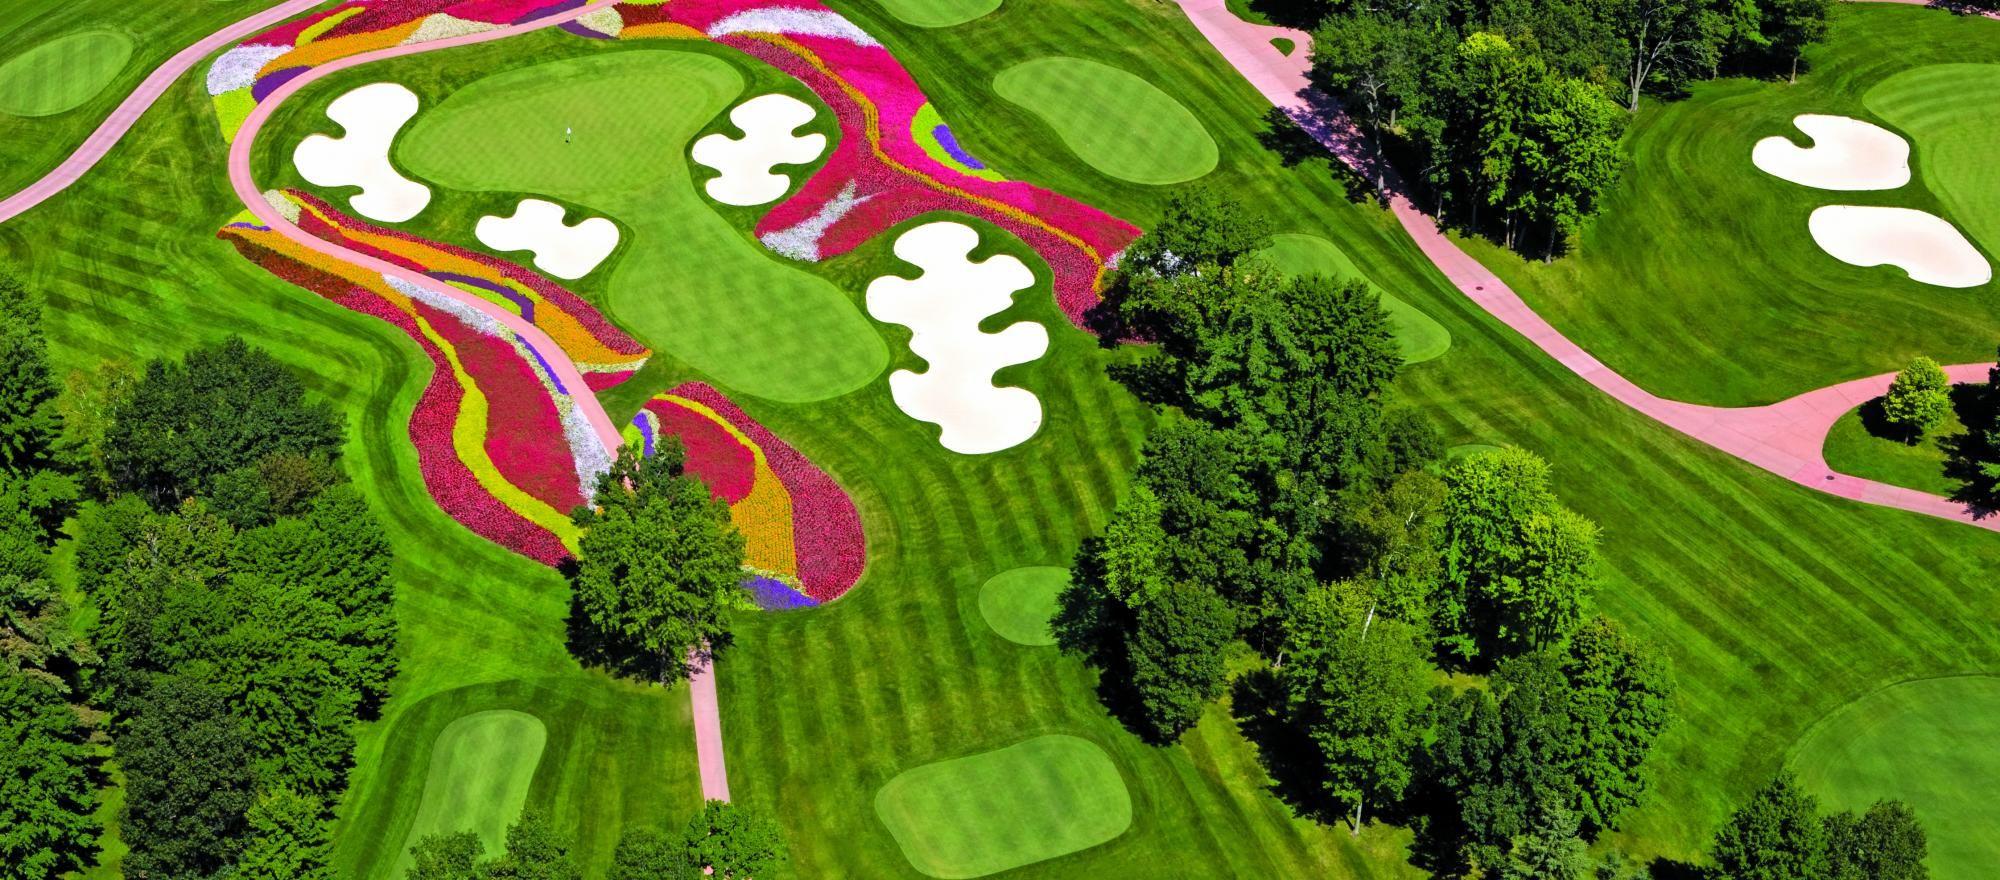 a376643a543c0283f30f2331cc31abbc - Golf Gardens Abu Dhabi Location Map